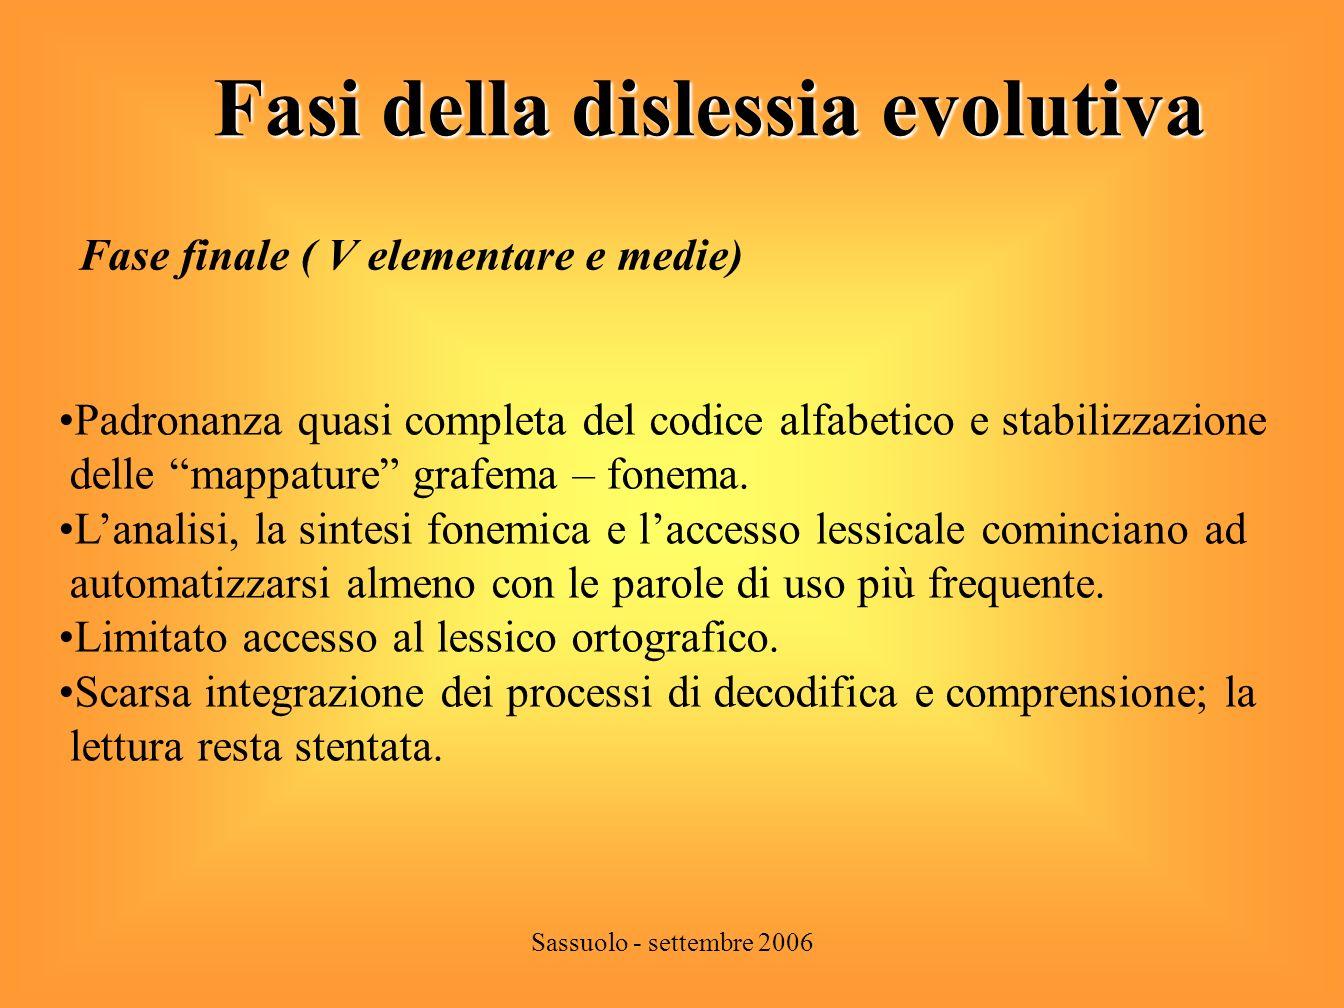 Fasi della dislessia evolutiva